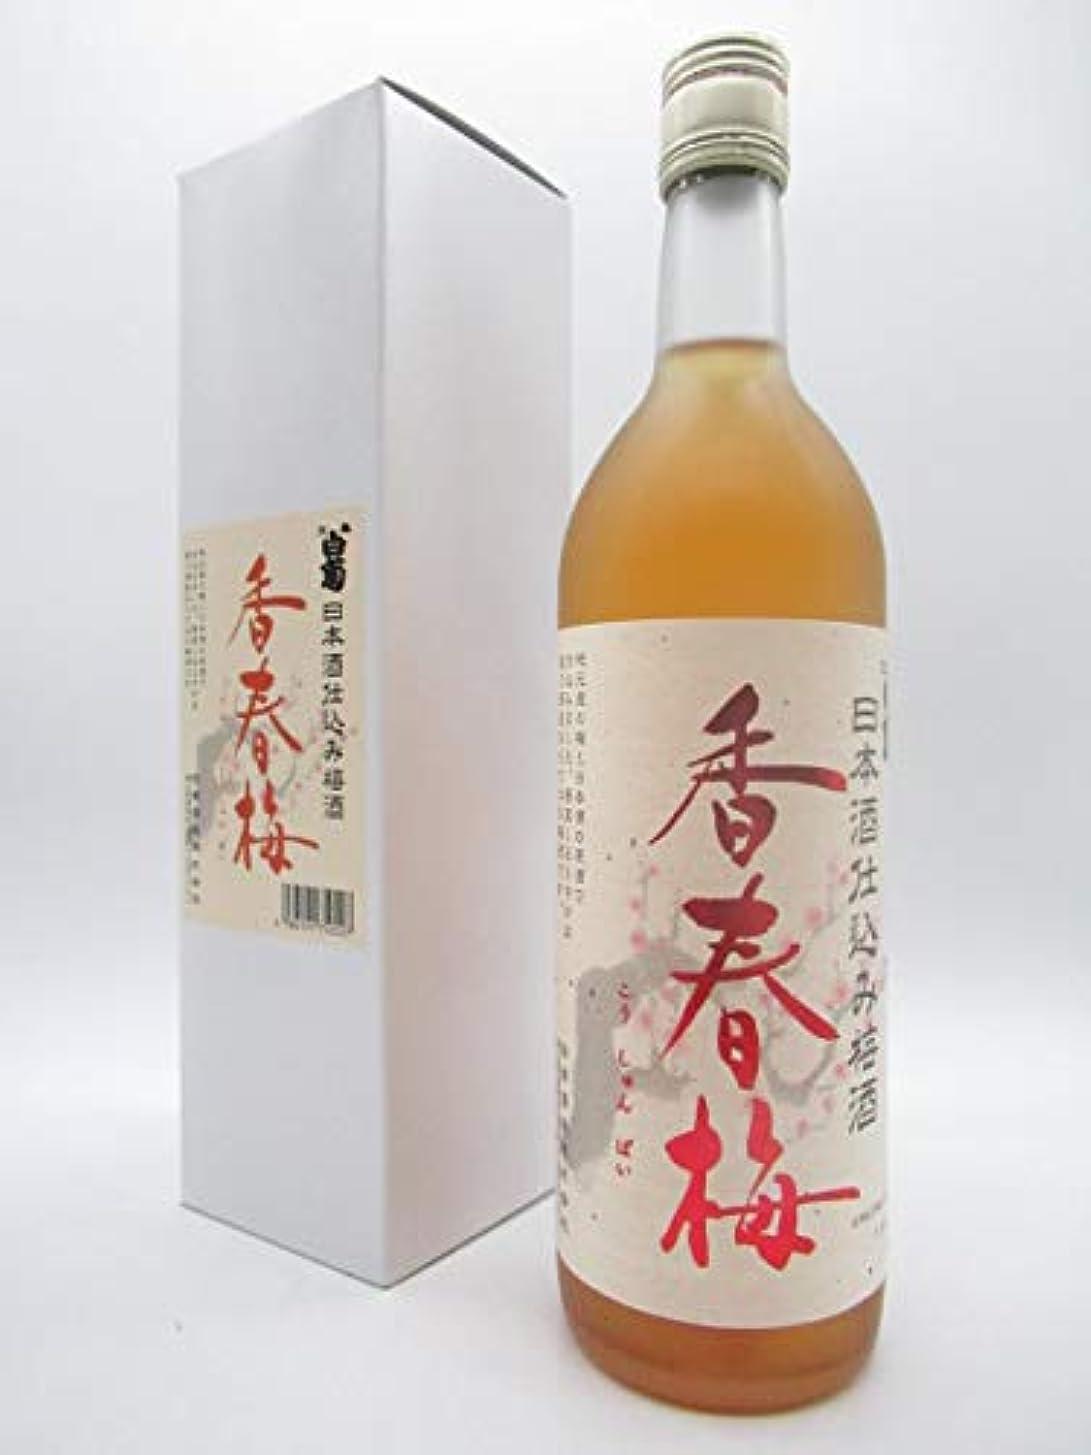 アヒルオートマトン憂鬱な白菊 香春梅 日本酒造り梅酒 720ml